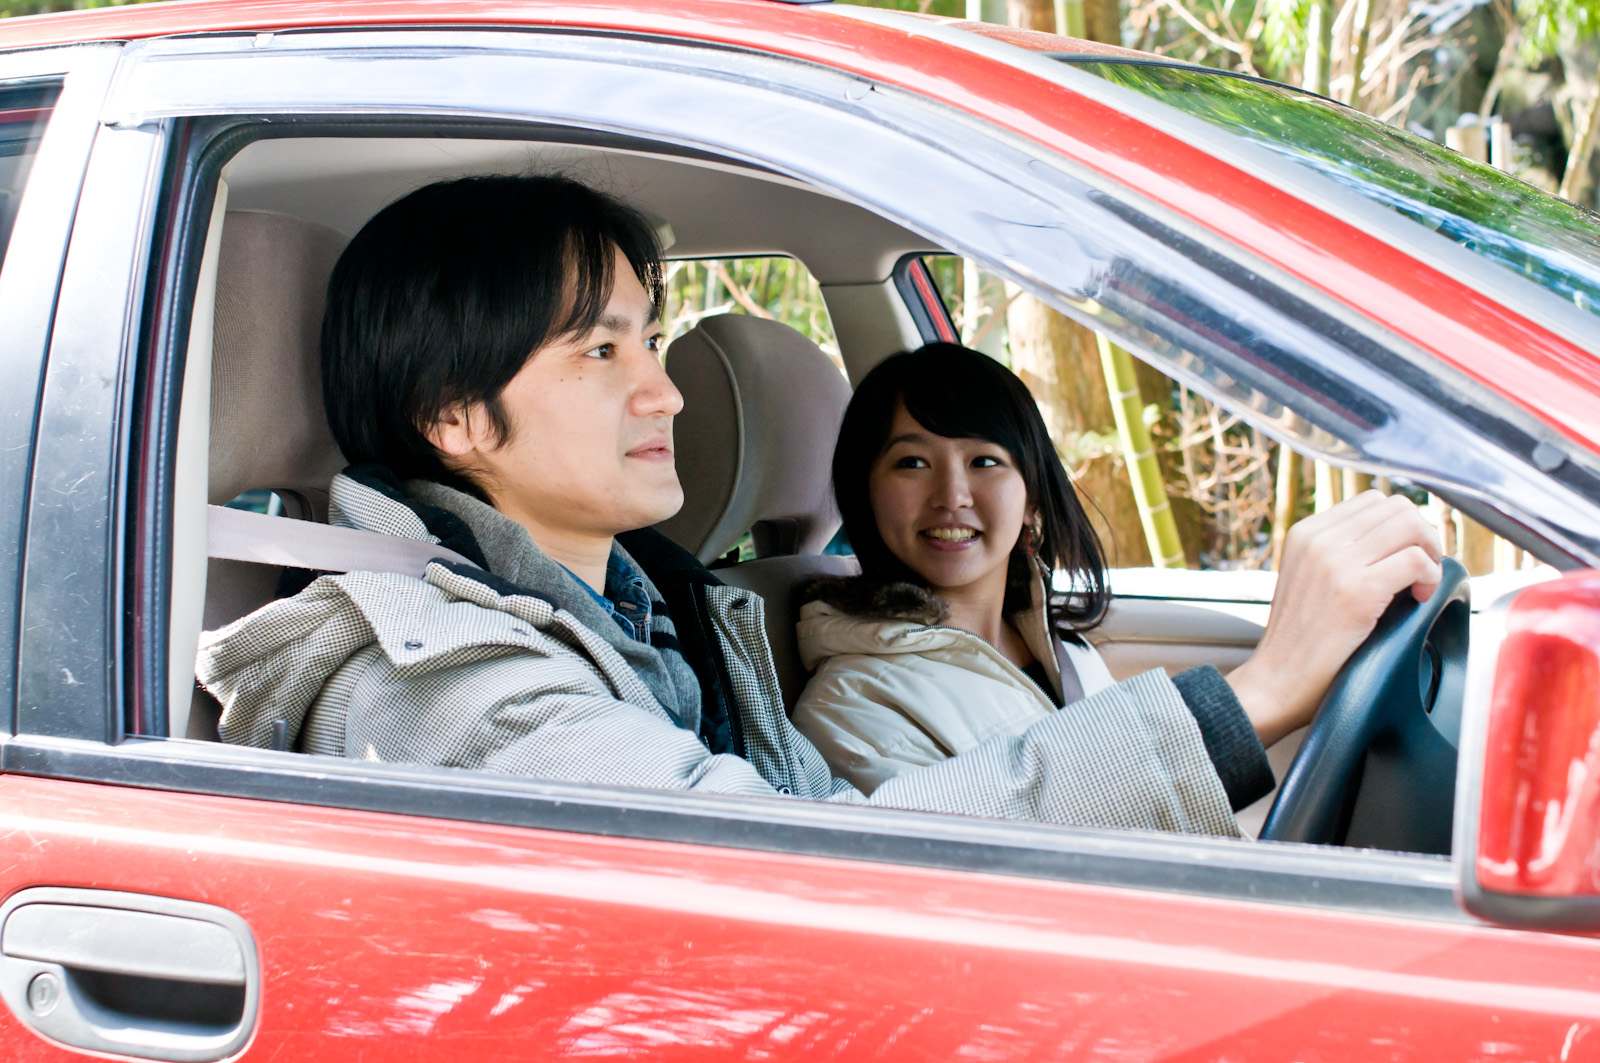 車内でも野外と同じ熱中症対策を